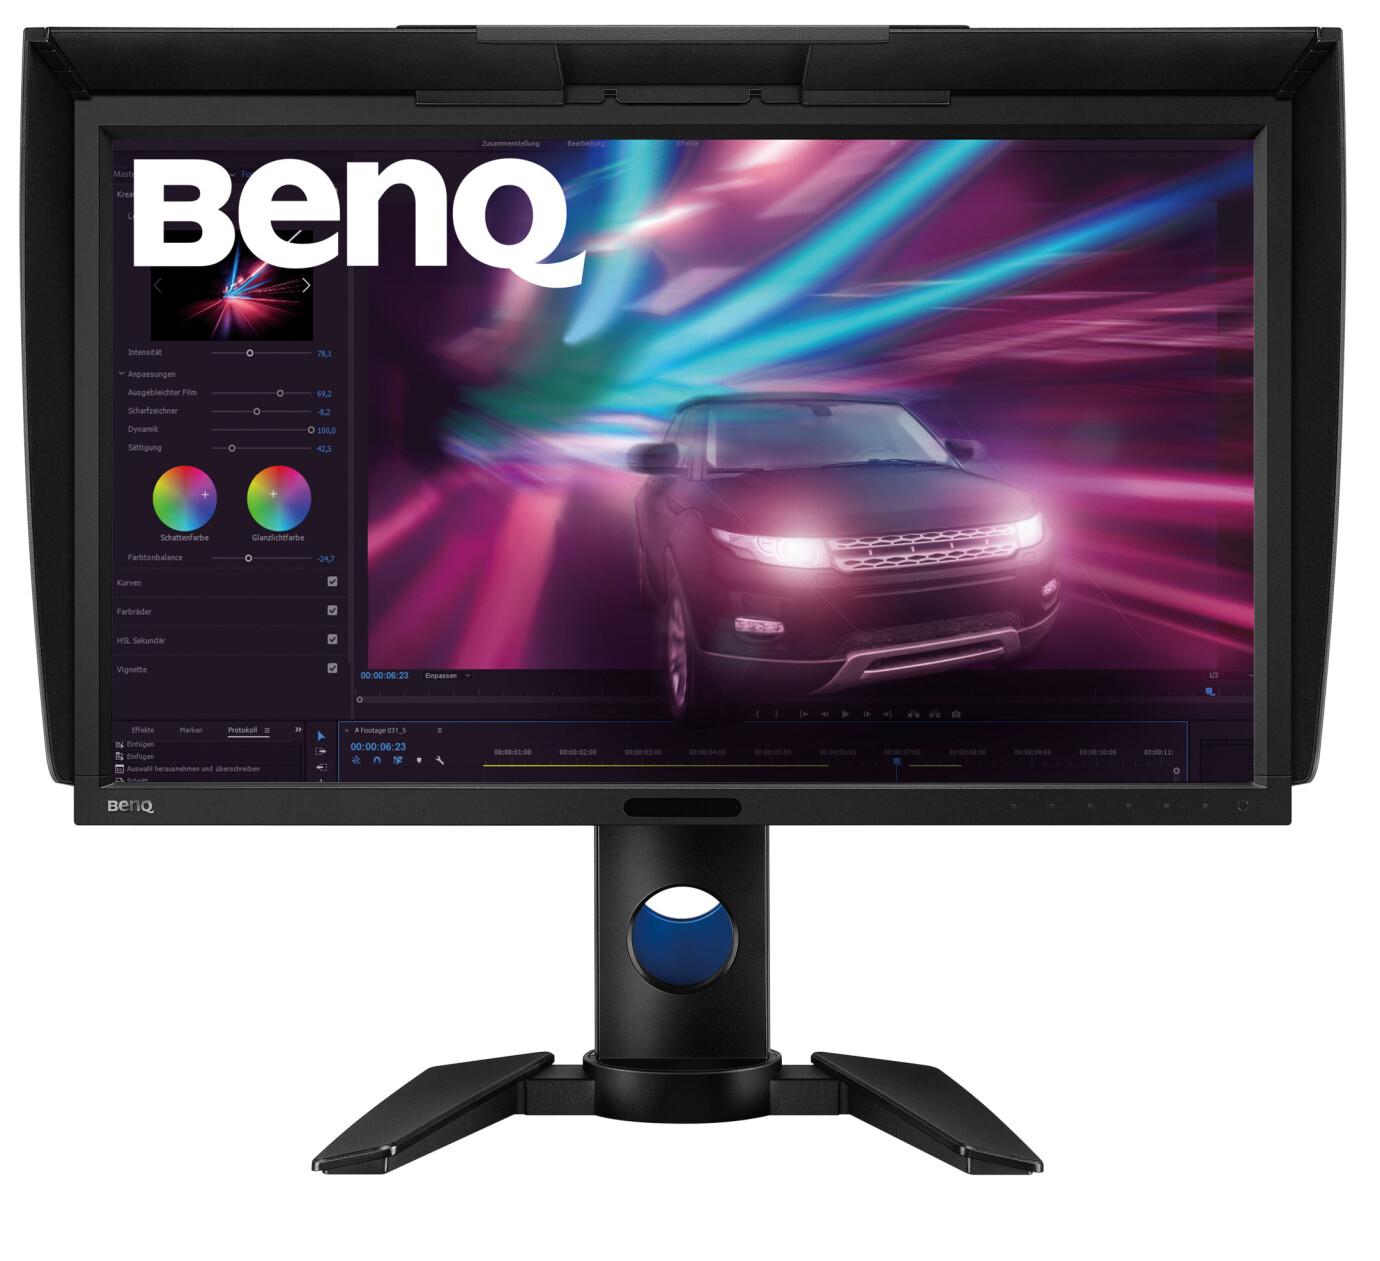 """BenQ PV270 27"""" LCD Monitor mit WQHD und 5ms Reaktionszeit"""